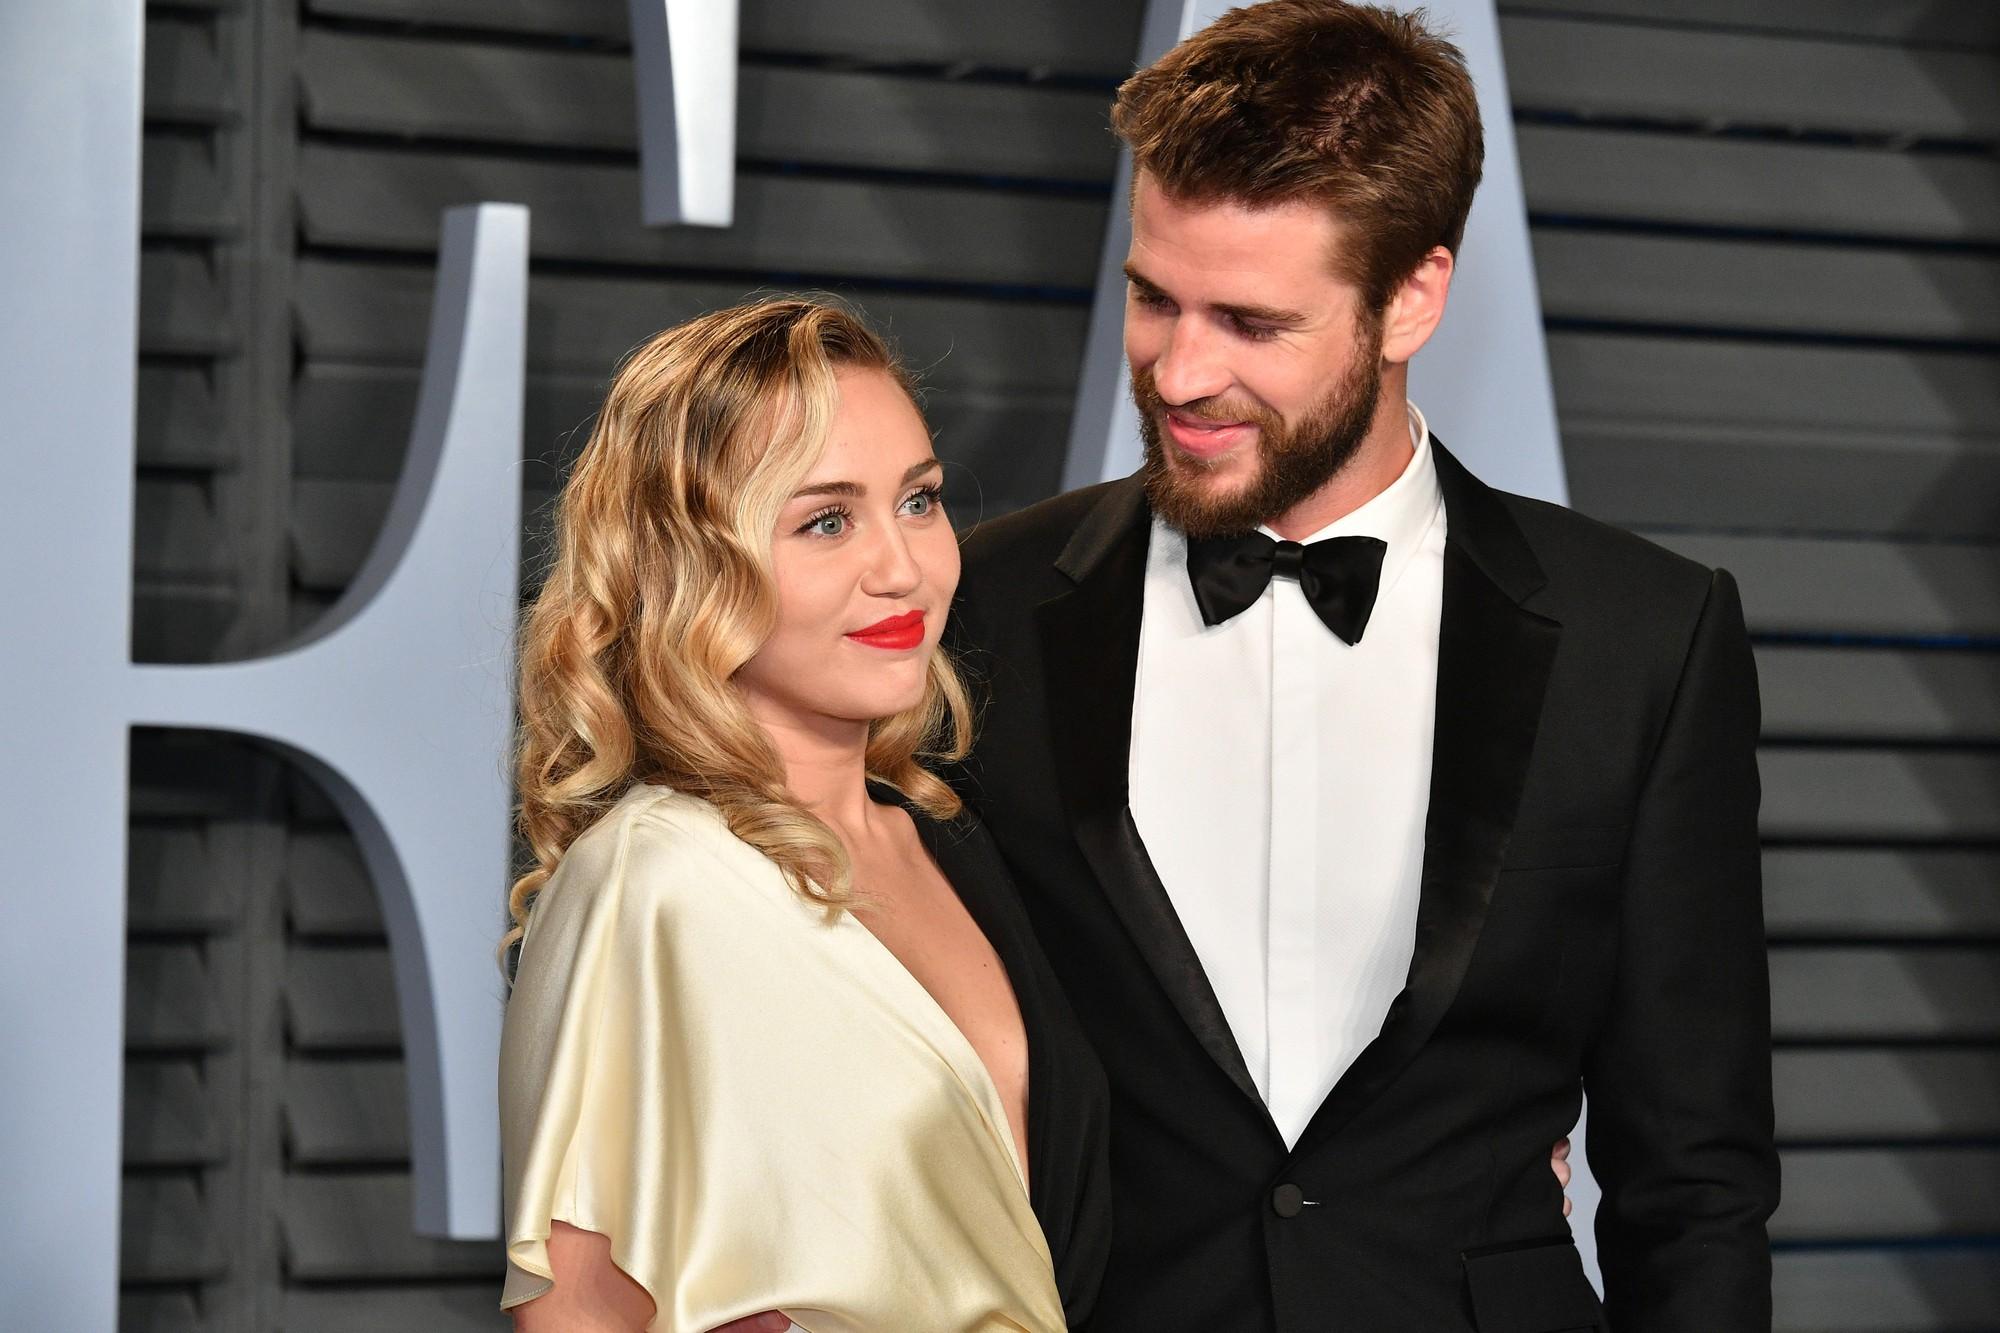 Hóa ra luôn có một người đàn ông đứng sau cánh gà, lẳng lặng nhìn theo Miley Cyrus si tình đến thế! - Ảnh 5.